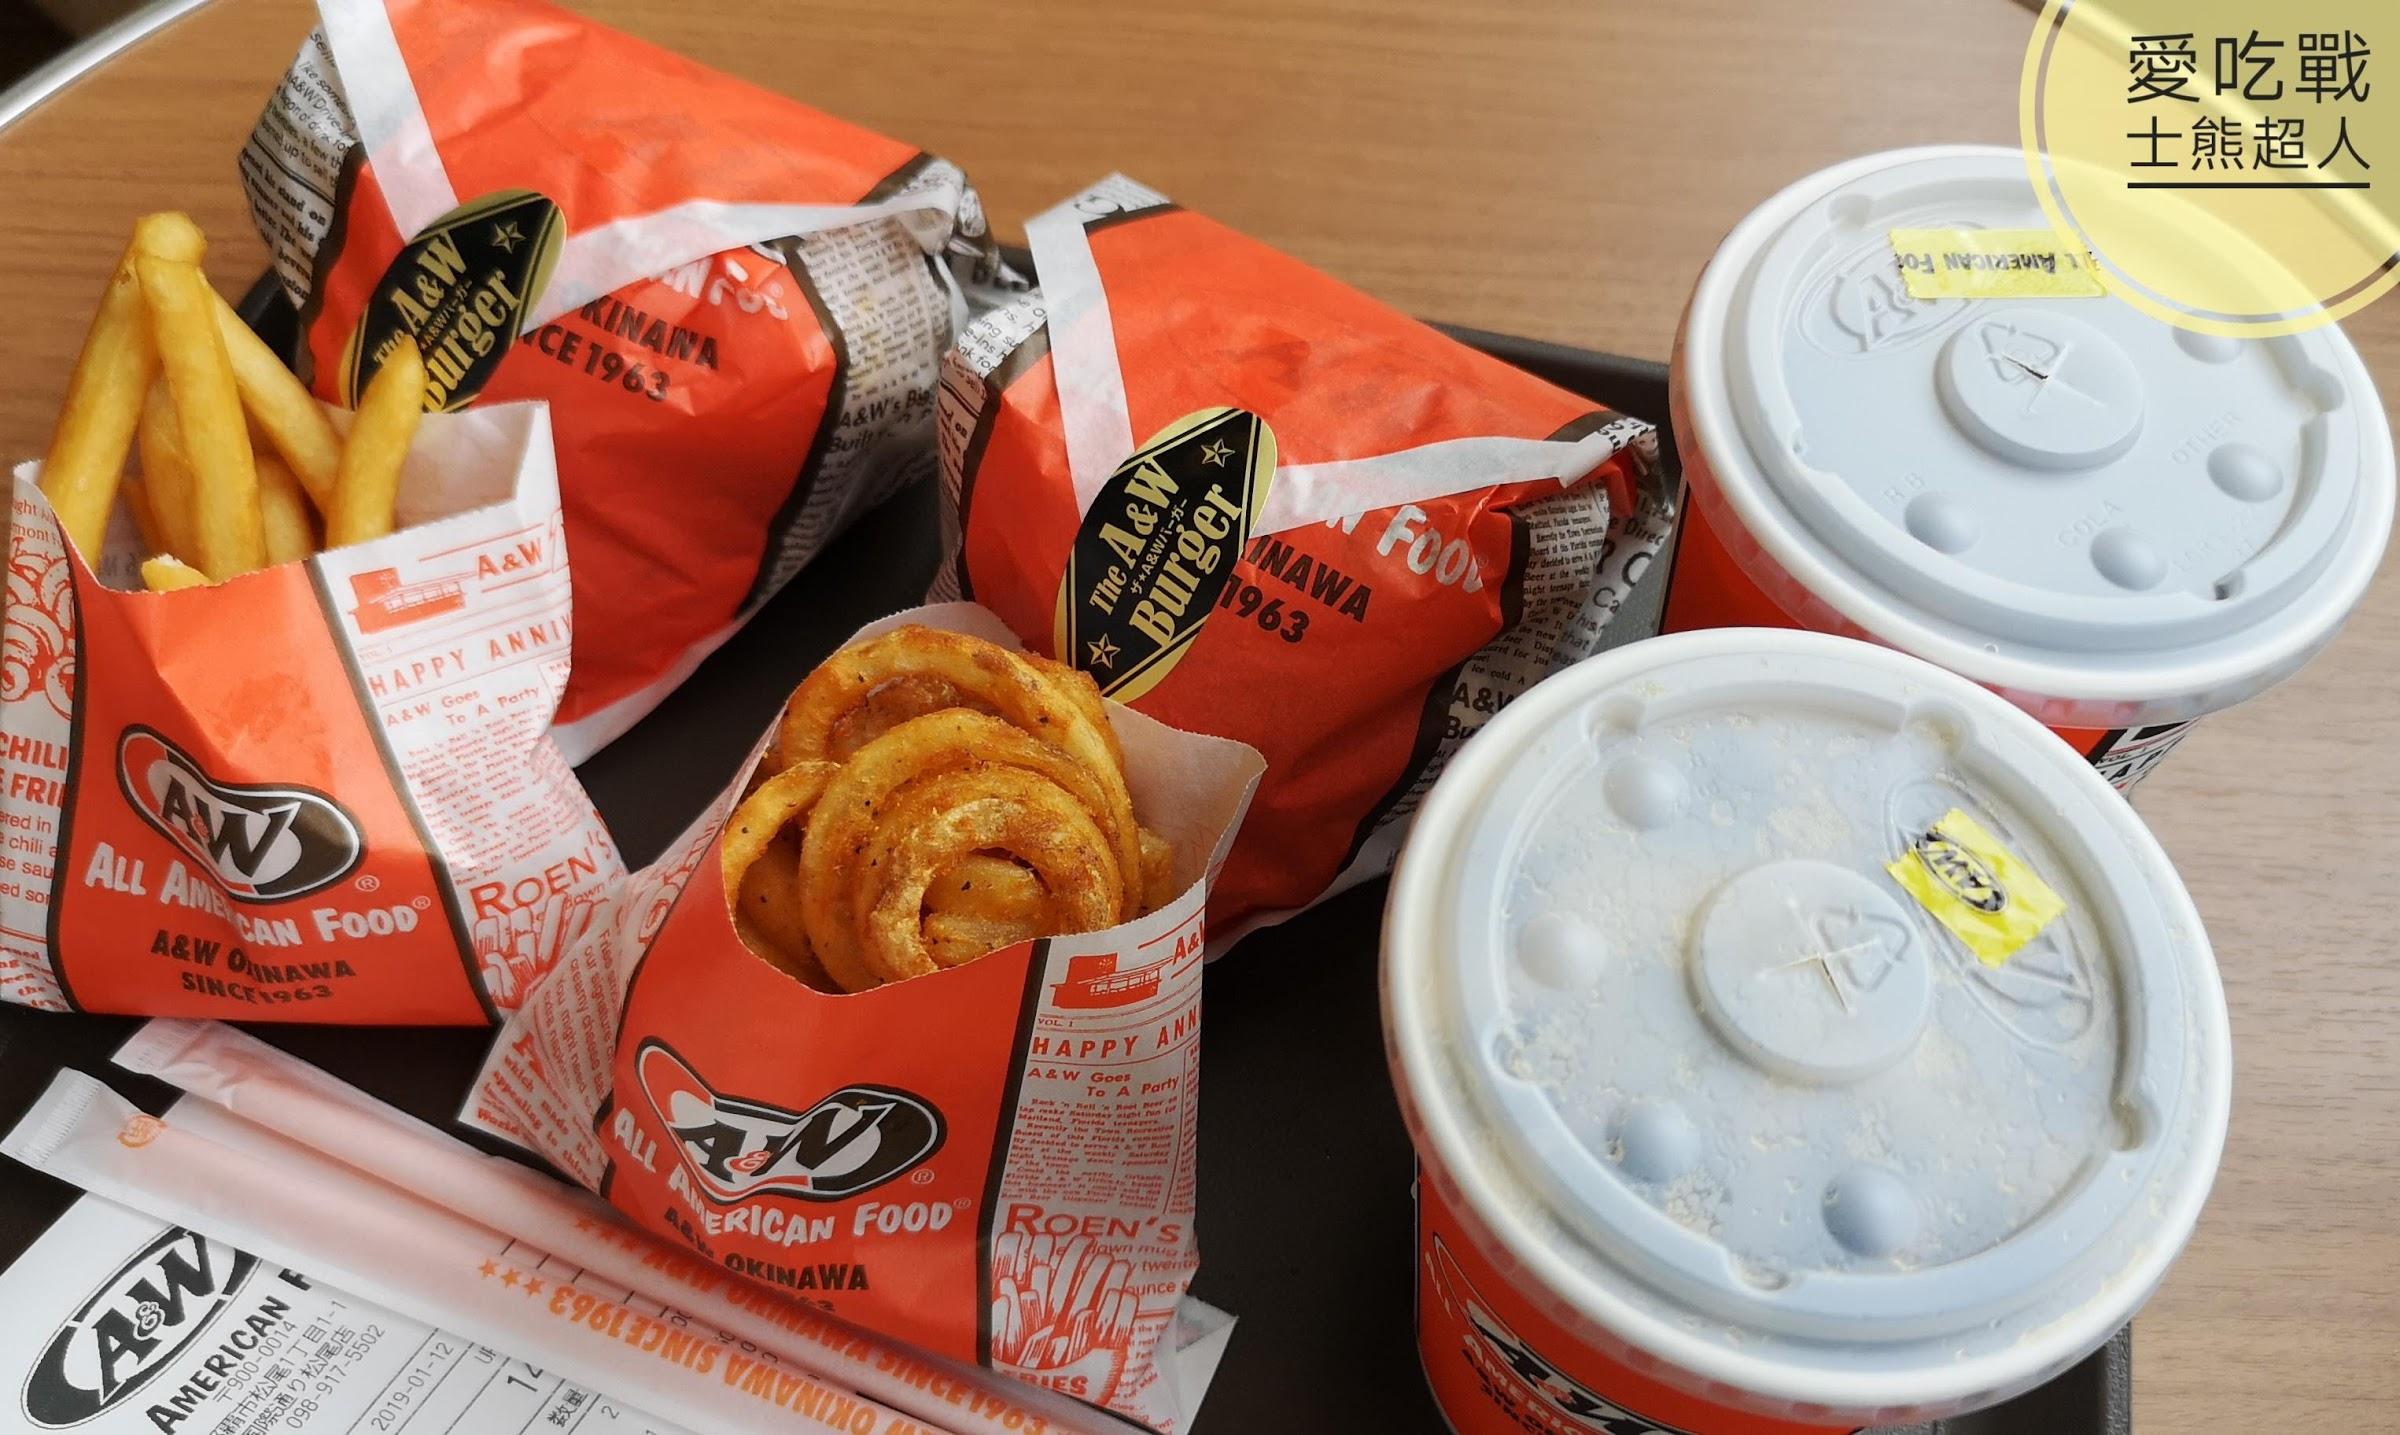 。沖繩 國際通。A&W 美式漢堡:只有沖繩吃得到,令人一再回味的牛肉培根堡及RootBeer。